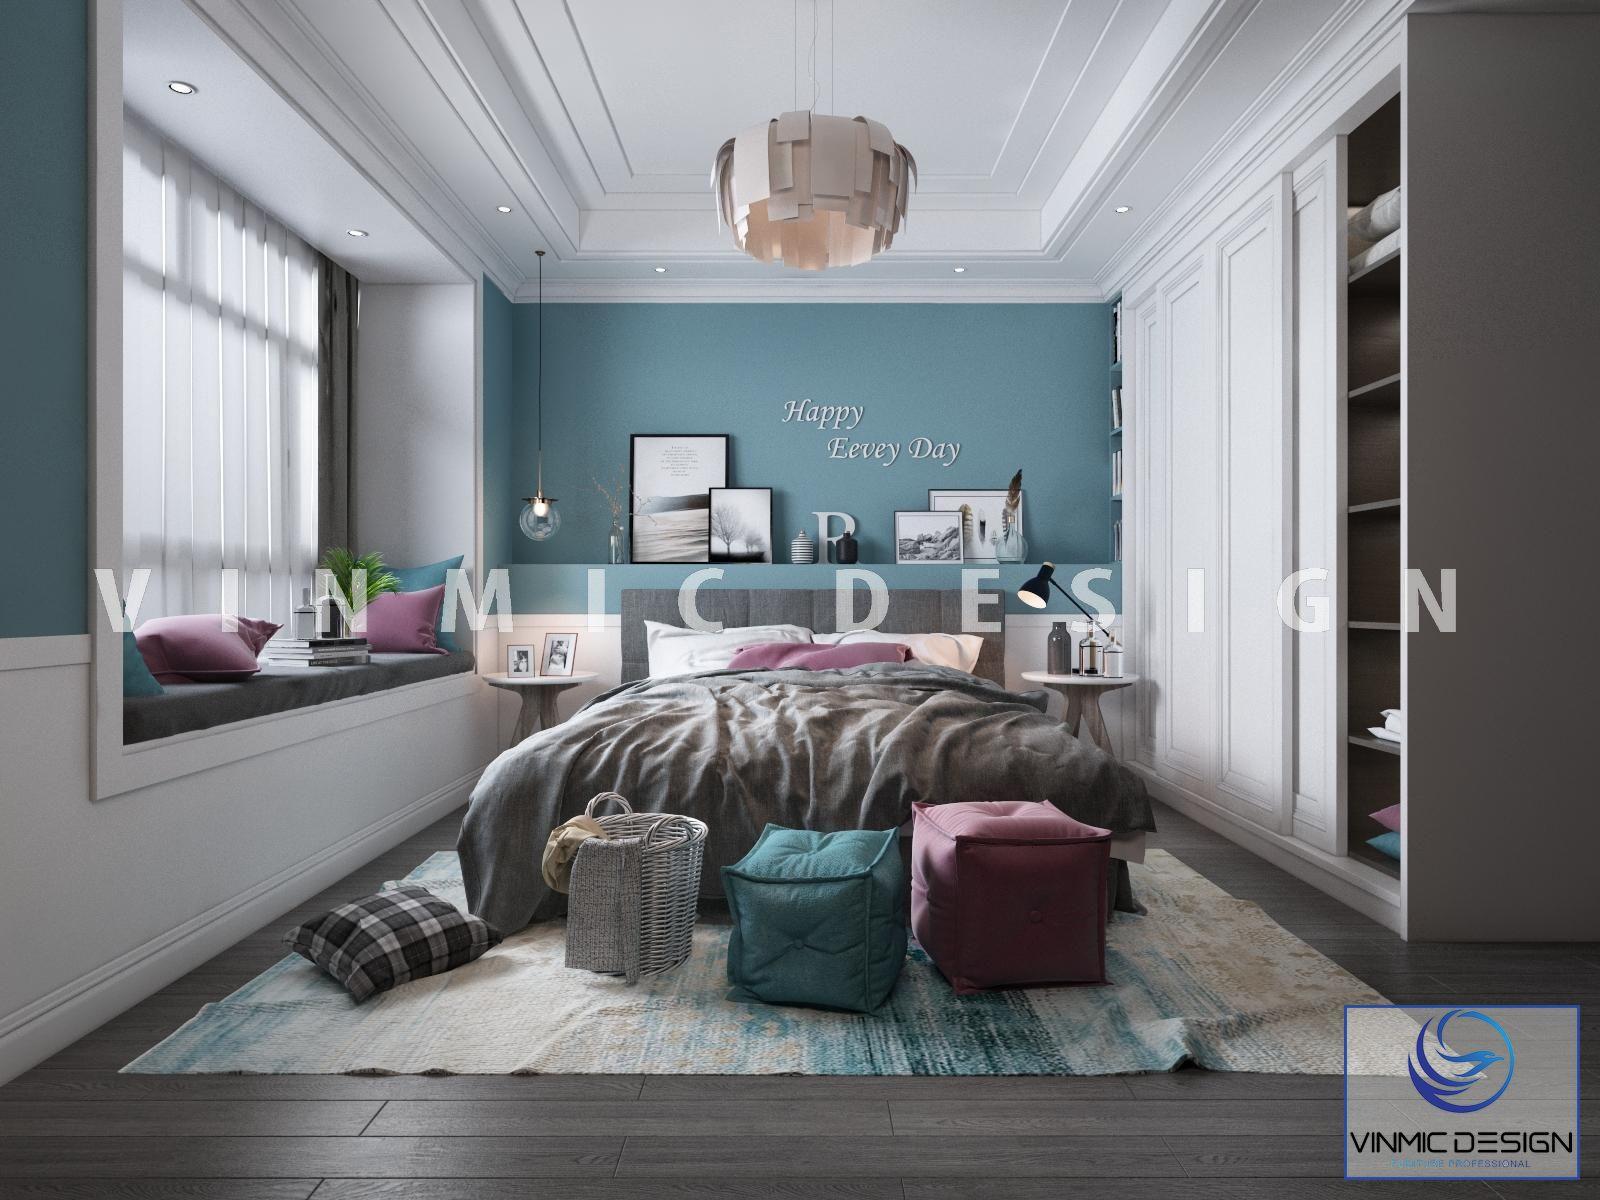 Thiết kế nội thất phòng ngủ trẻ trung, đẹp mắt tại căn hộ Vinhomes Smart City